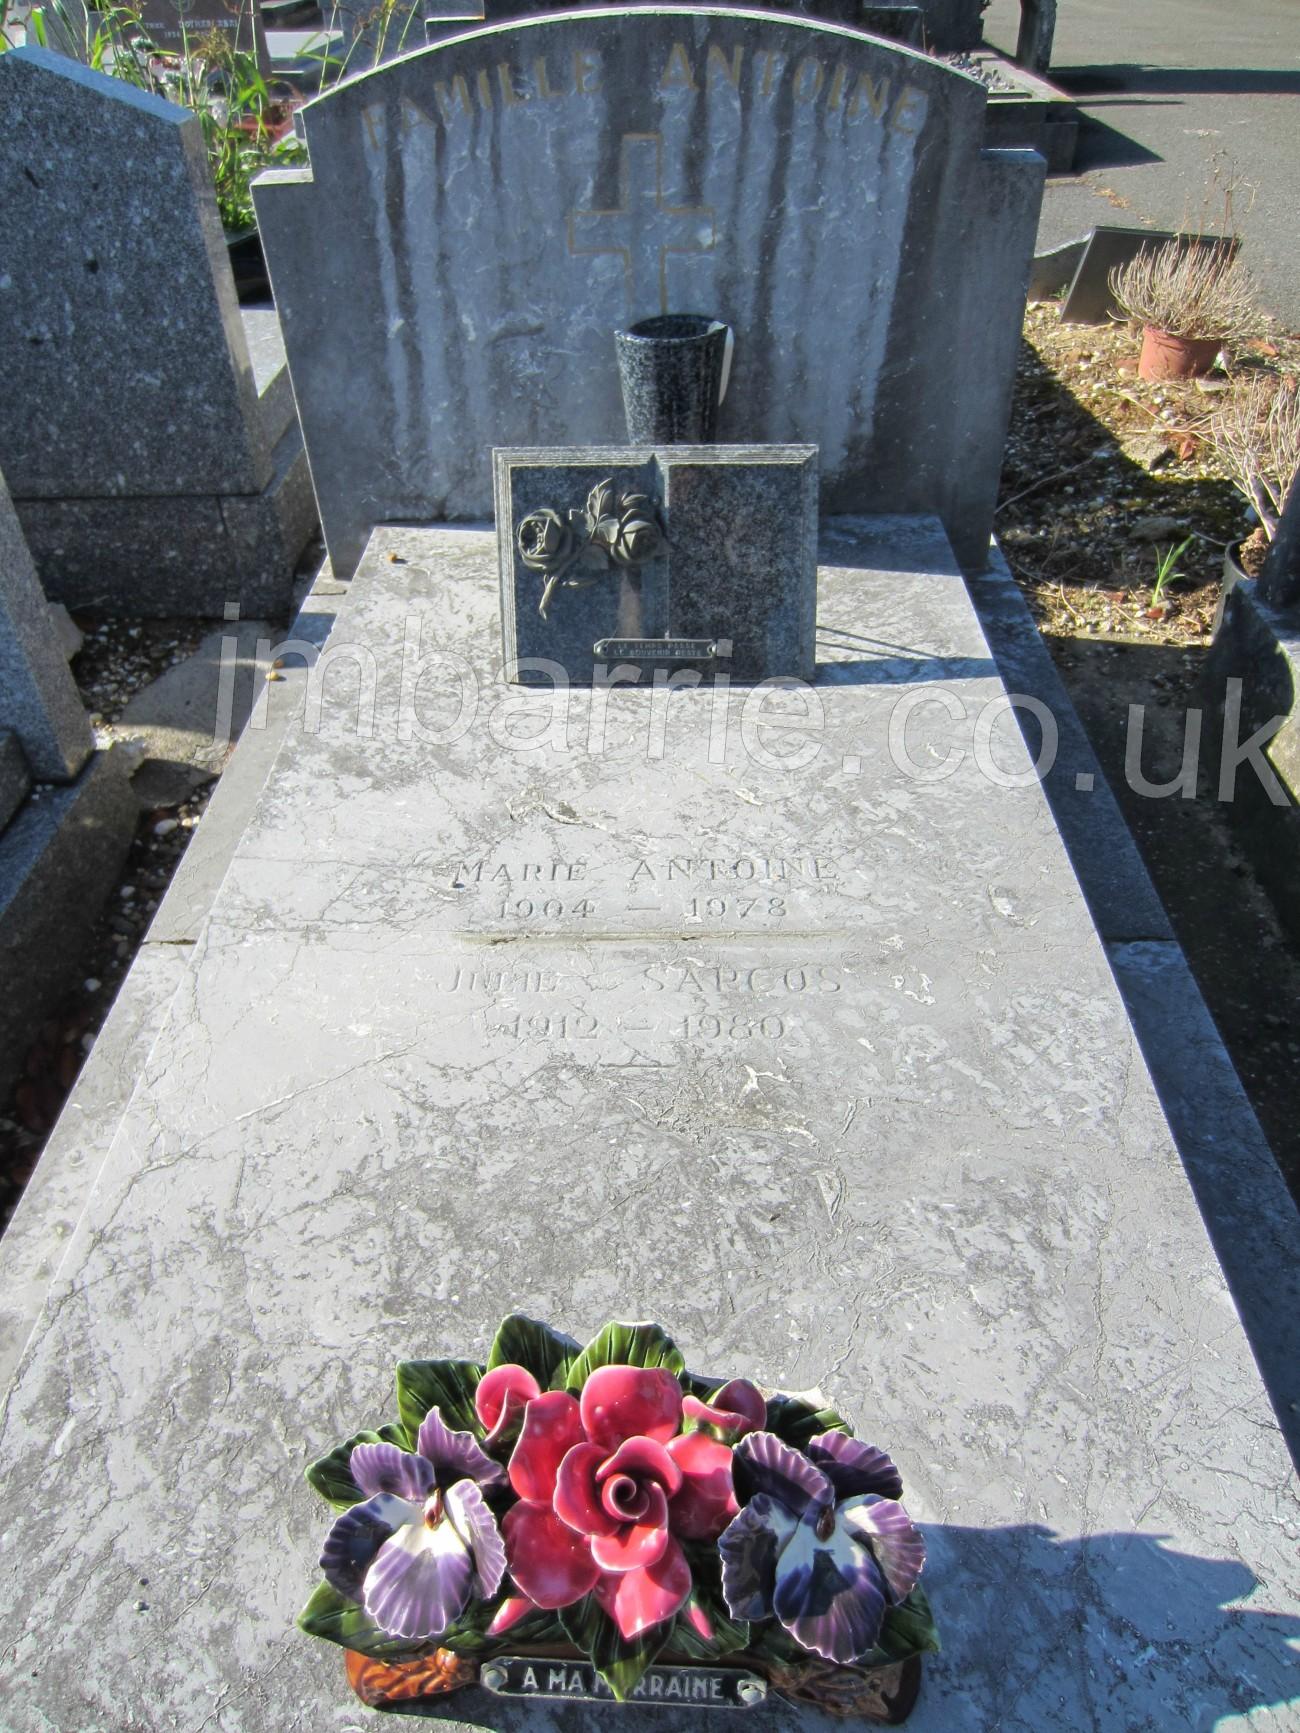 1.JMBSITEaMaryAnsellgrave2012 c